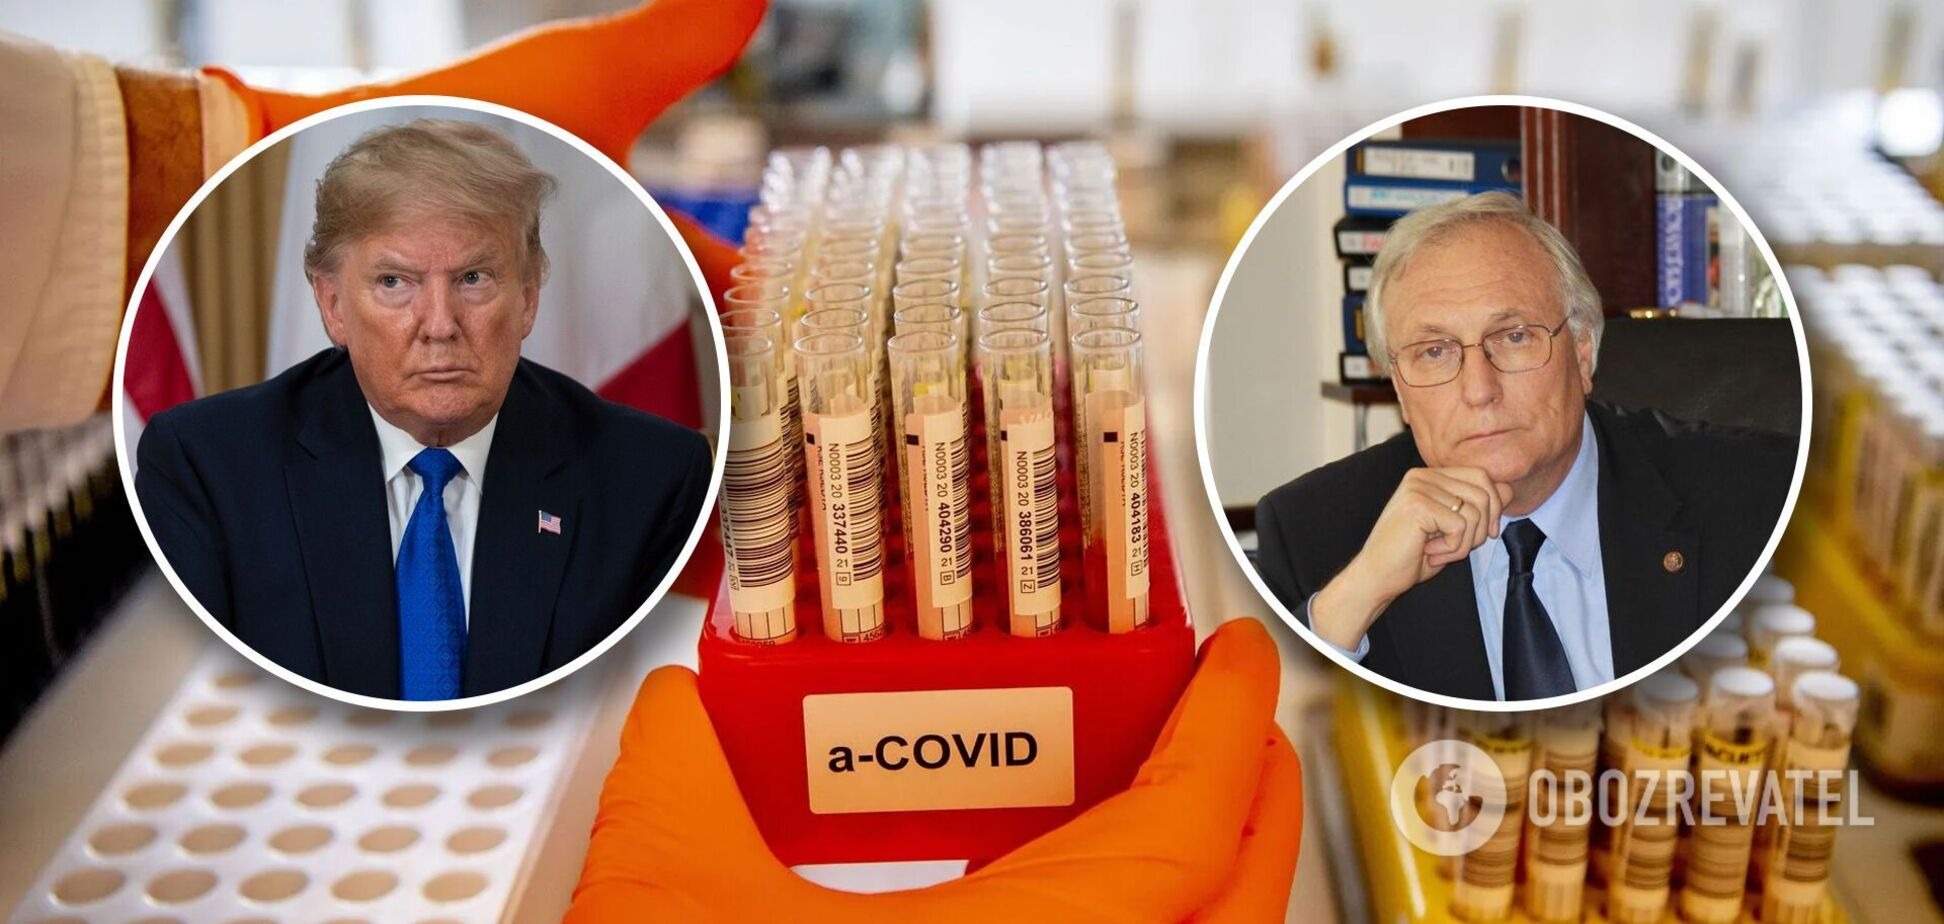 Академік Комісаренко: українців треба лікувати від COVID-19 тим, чим лікували Трампа